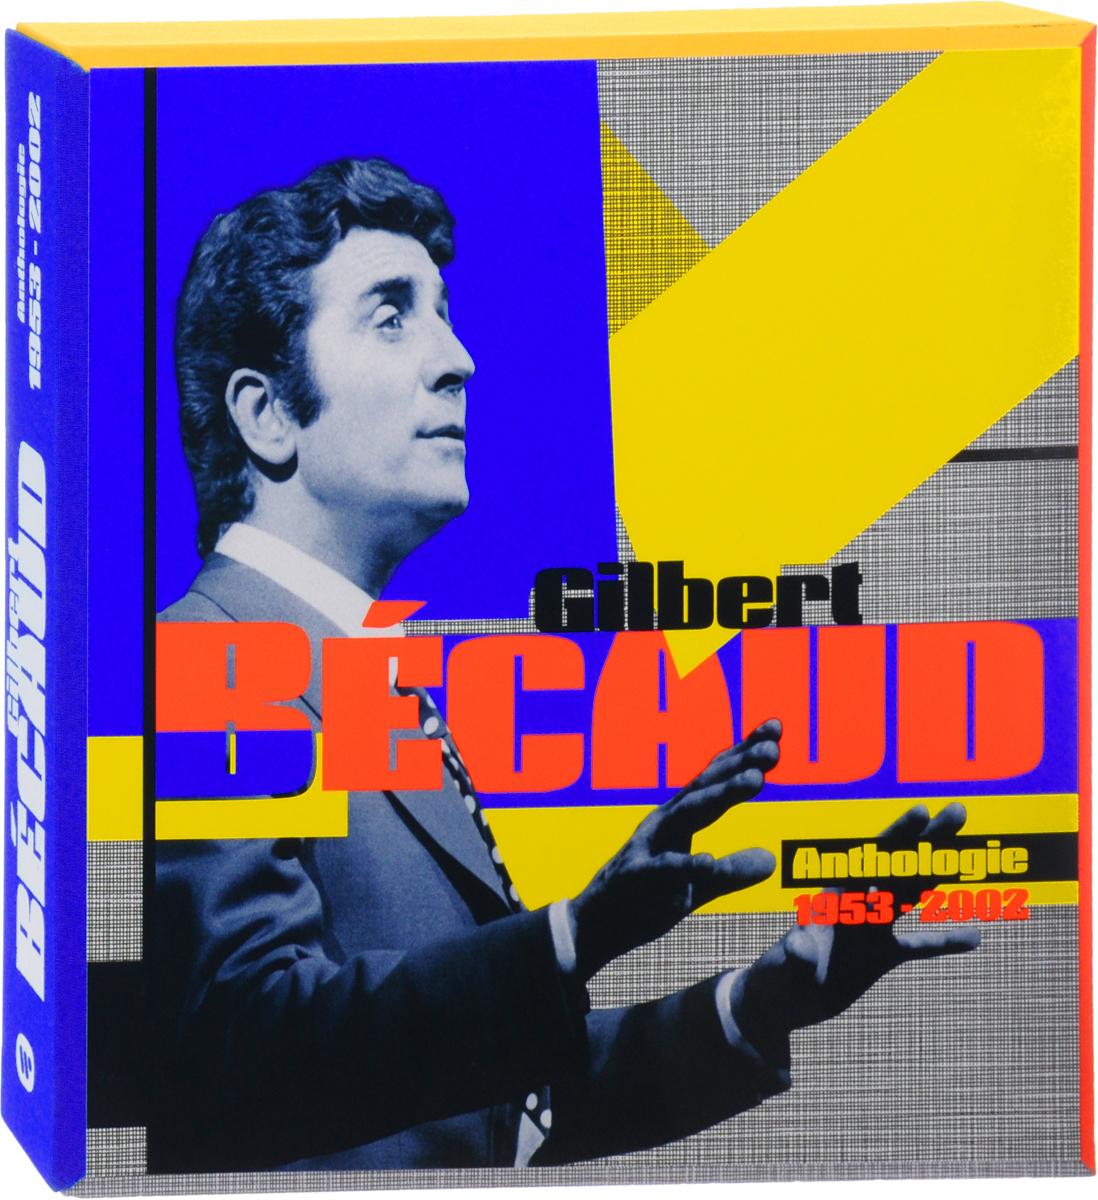 Жильбер Беко Gilbert Becaud. Anthologie 1953-2002 (20 CD) пропалыватель gardena 8923